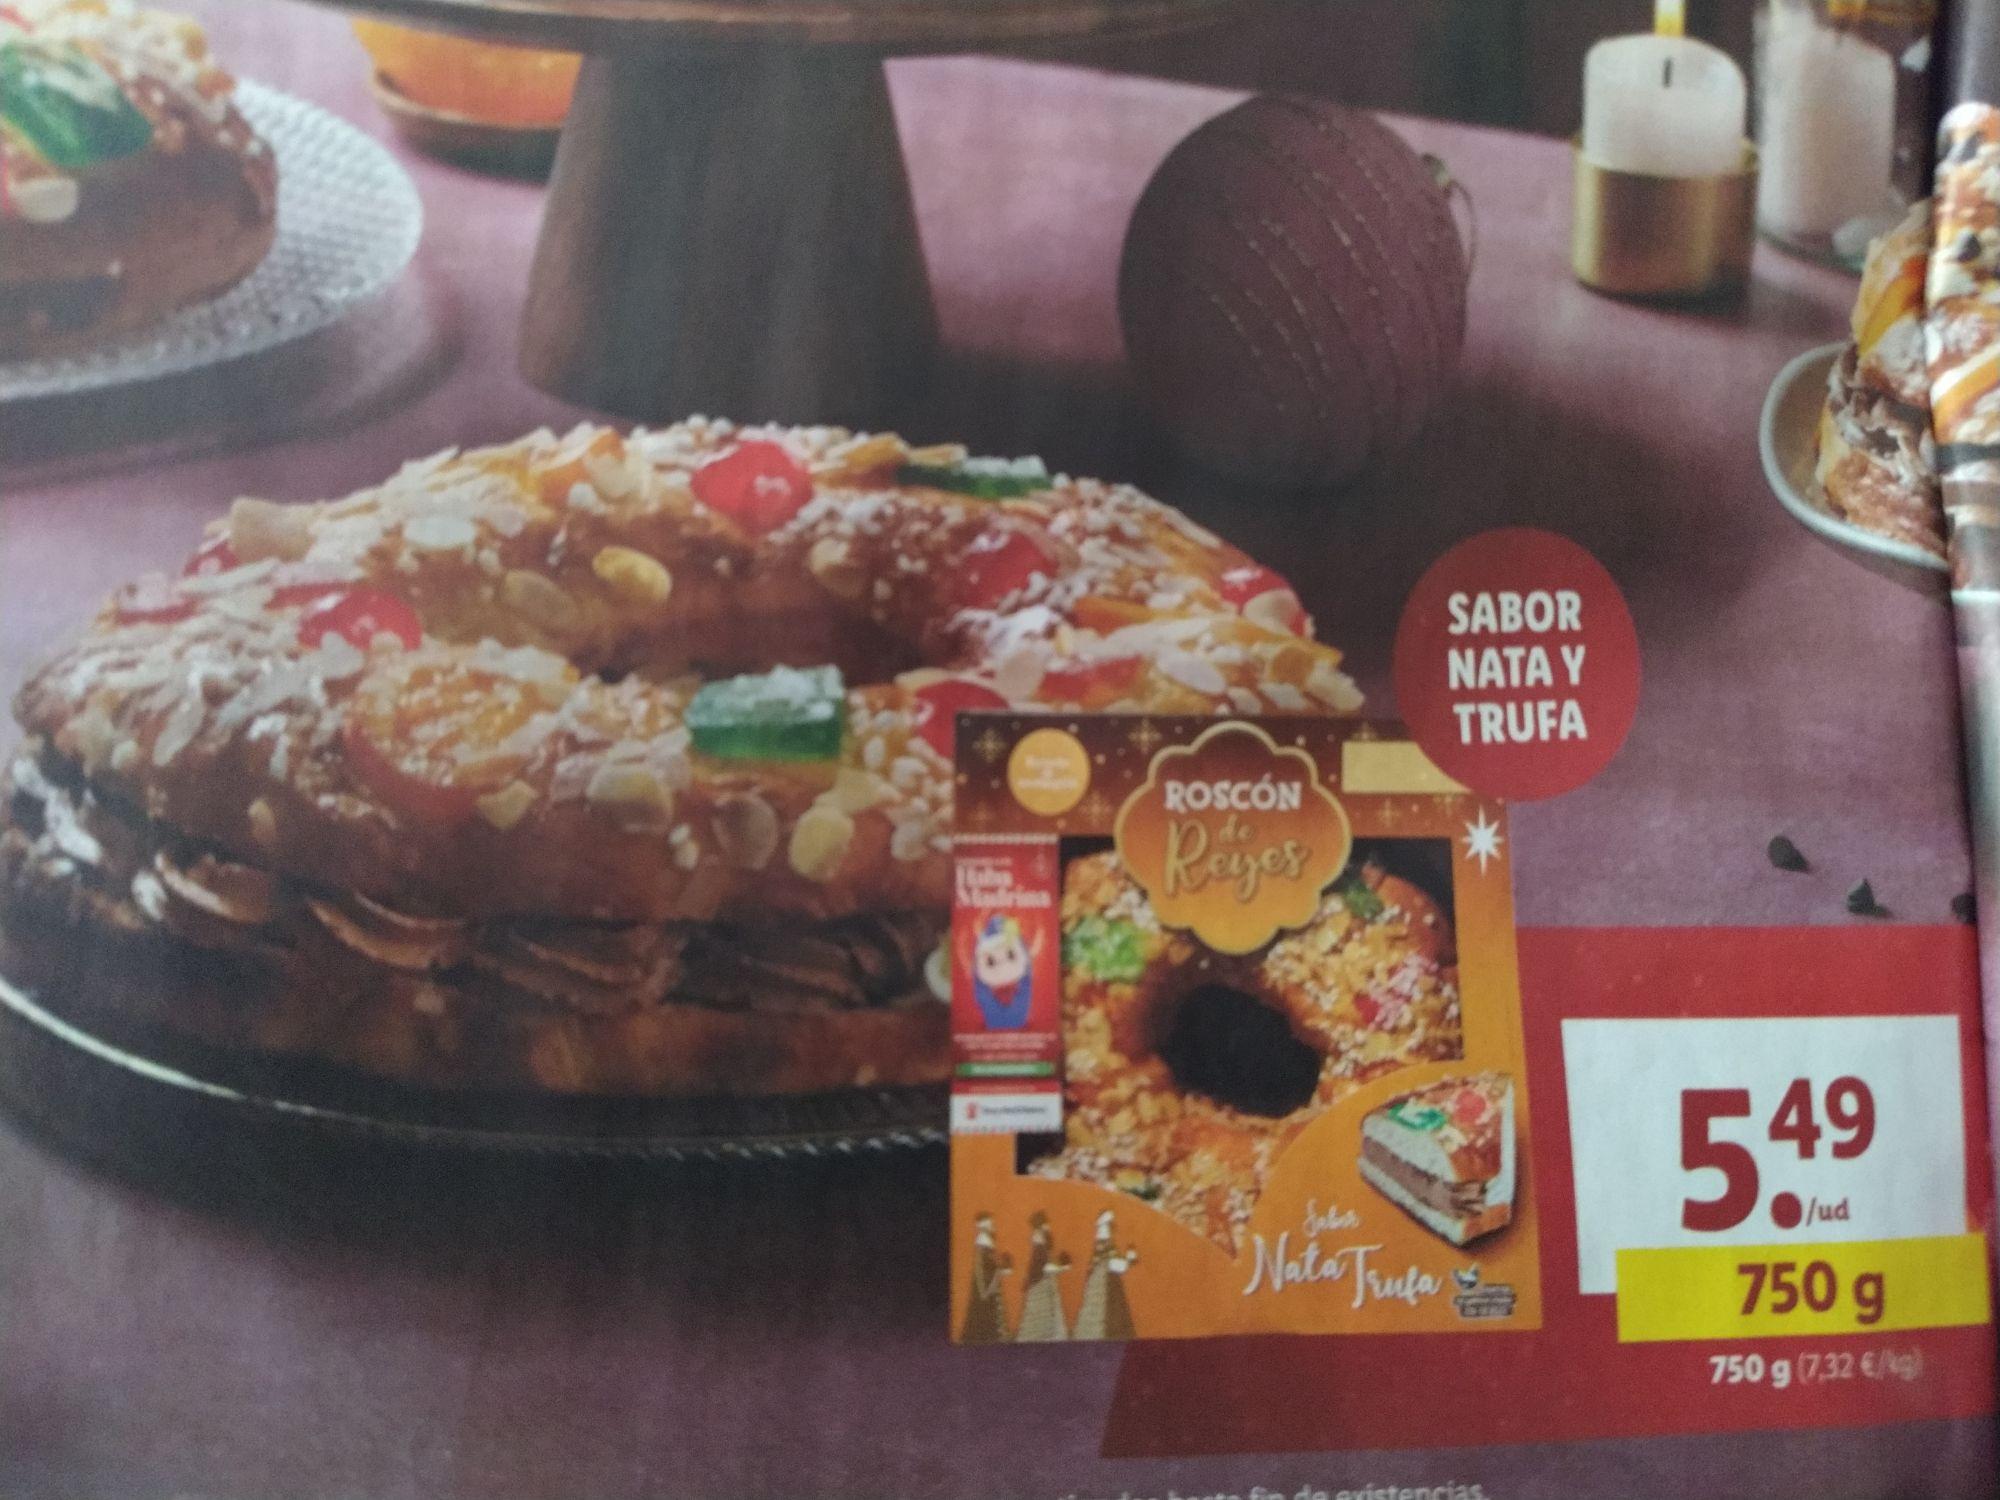 Roscones de Reyes Lidl desde 3,99€ a partir del 04 de Enero